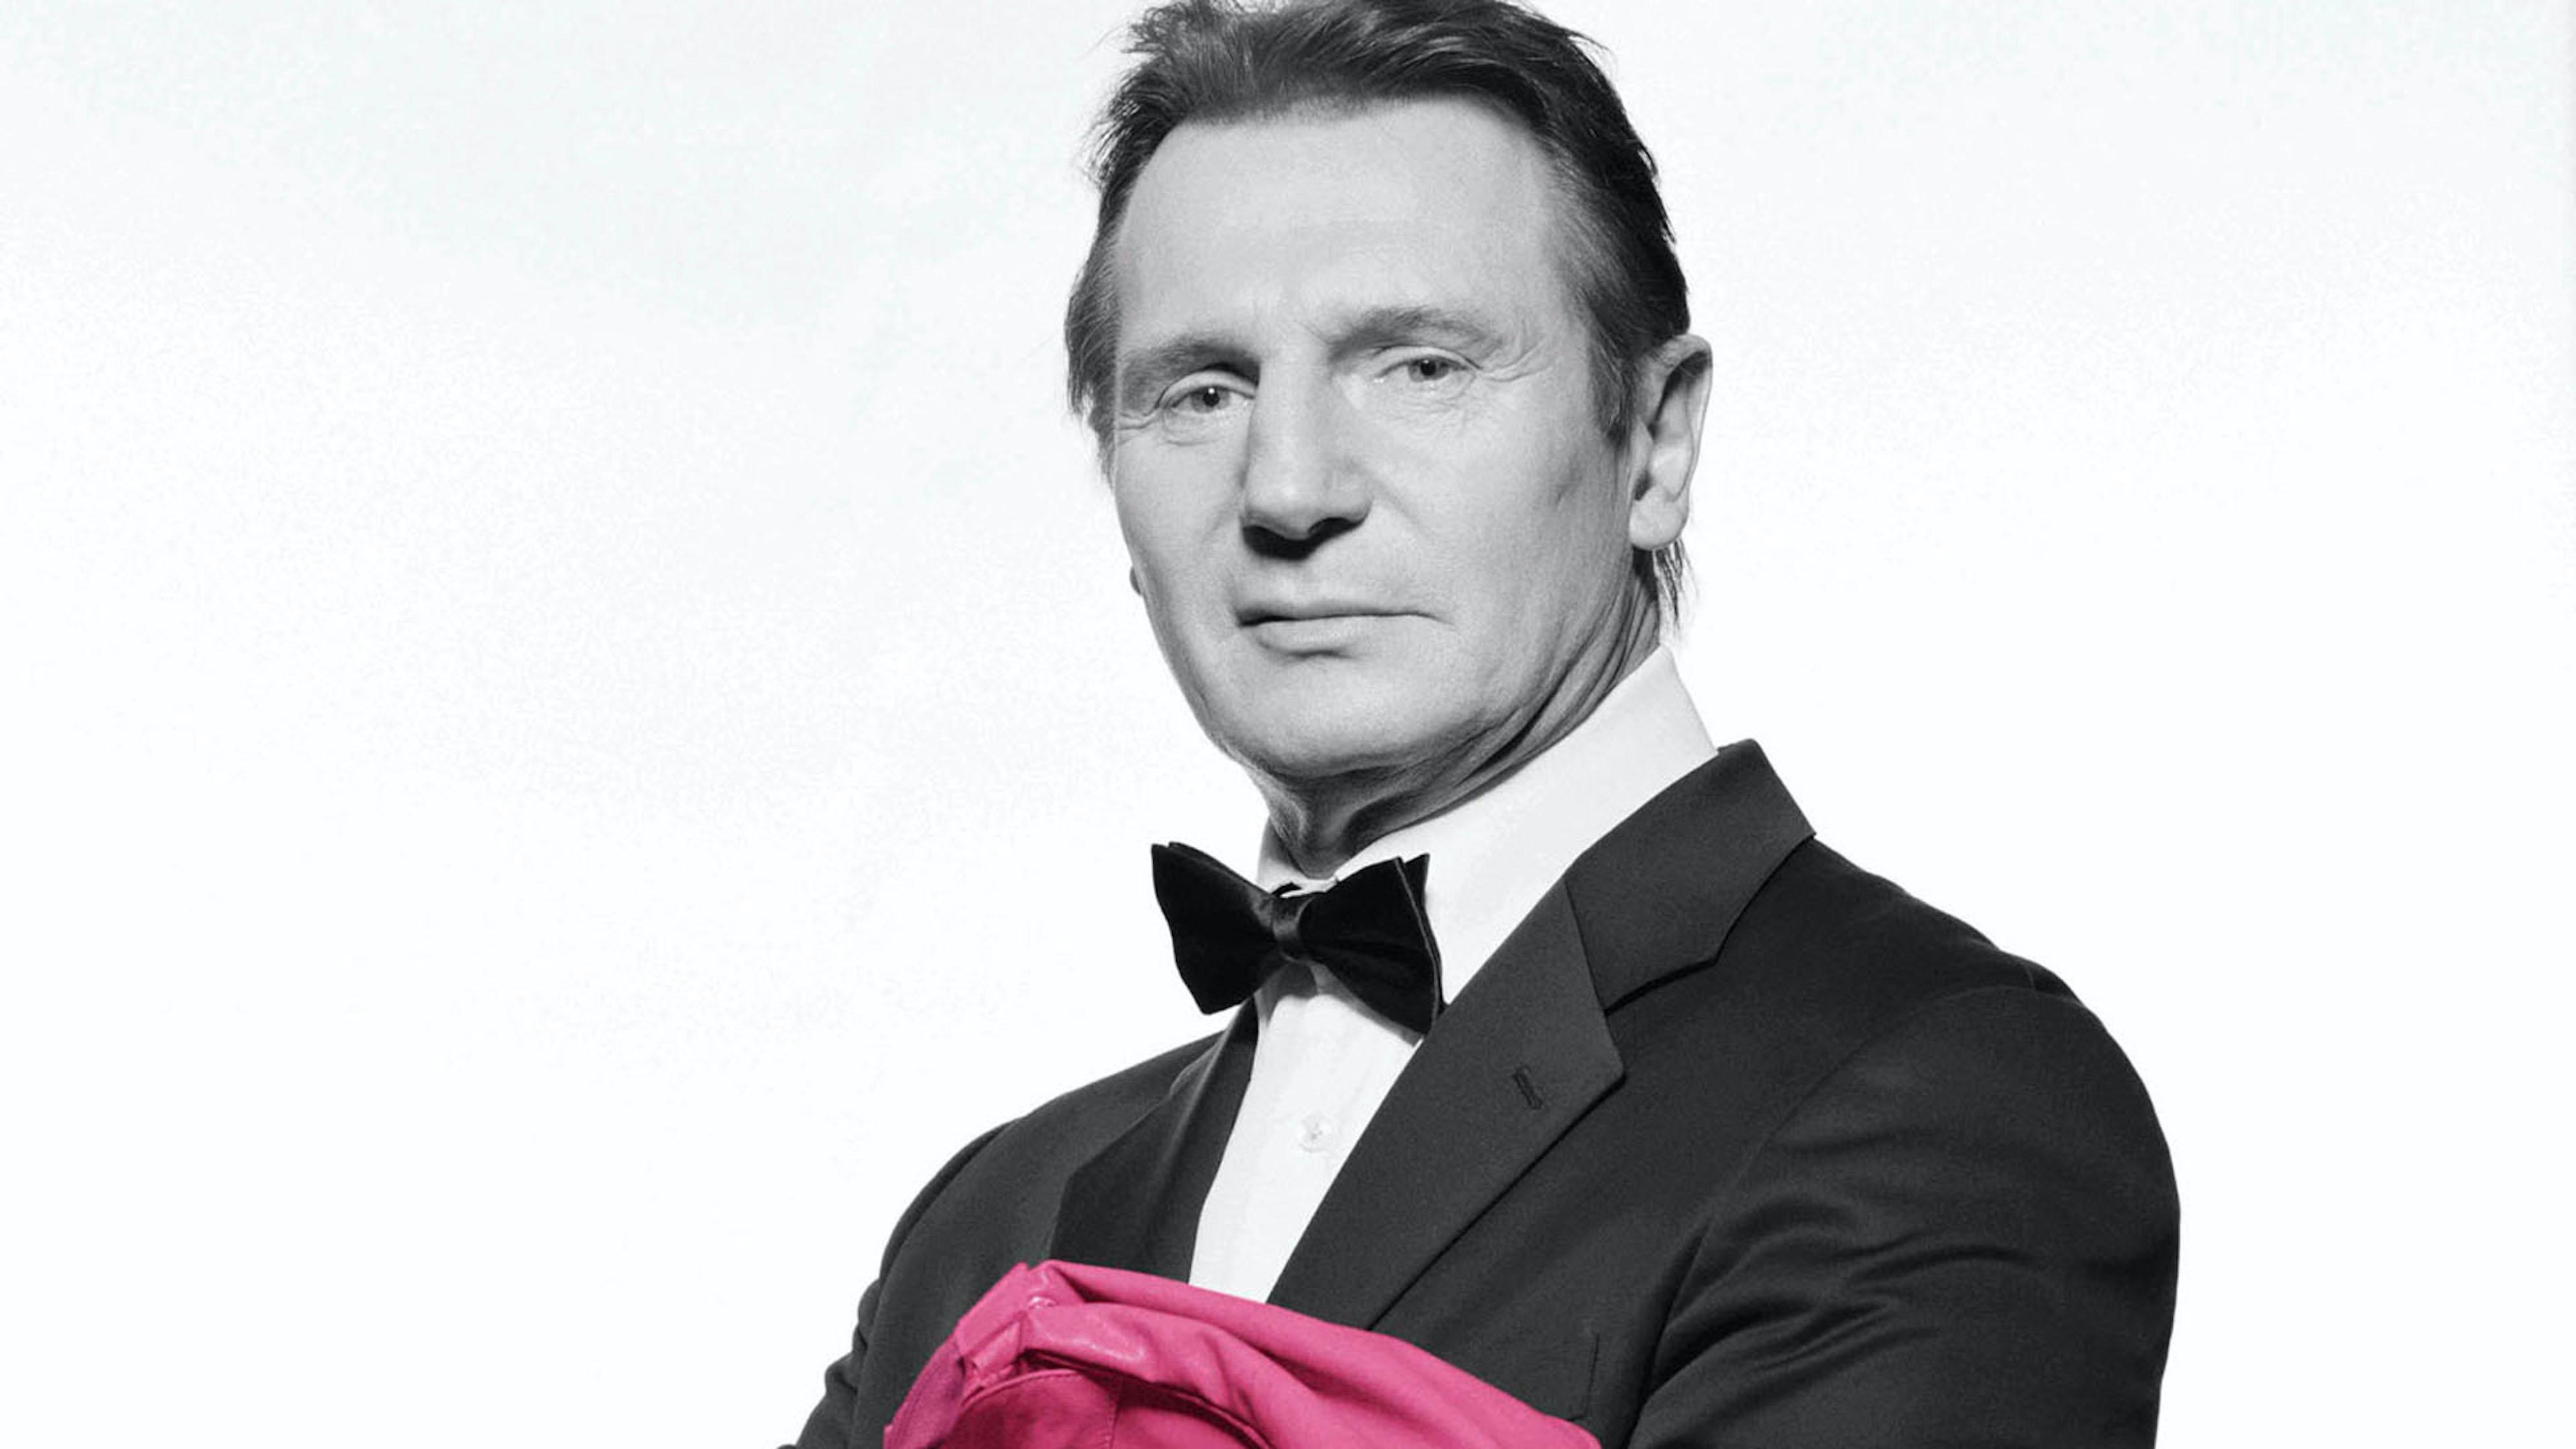 File:Neeson.jpg